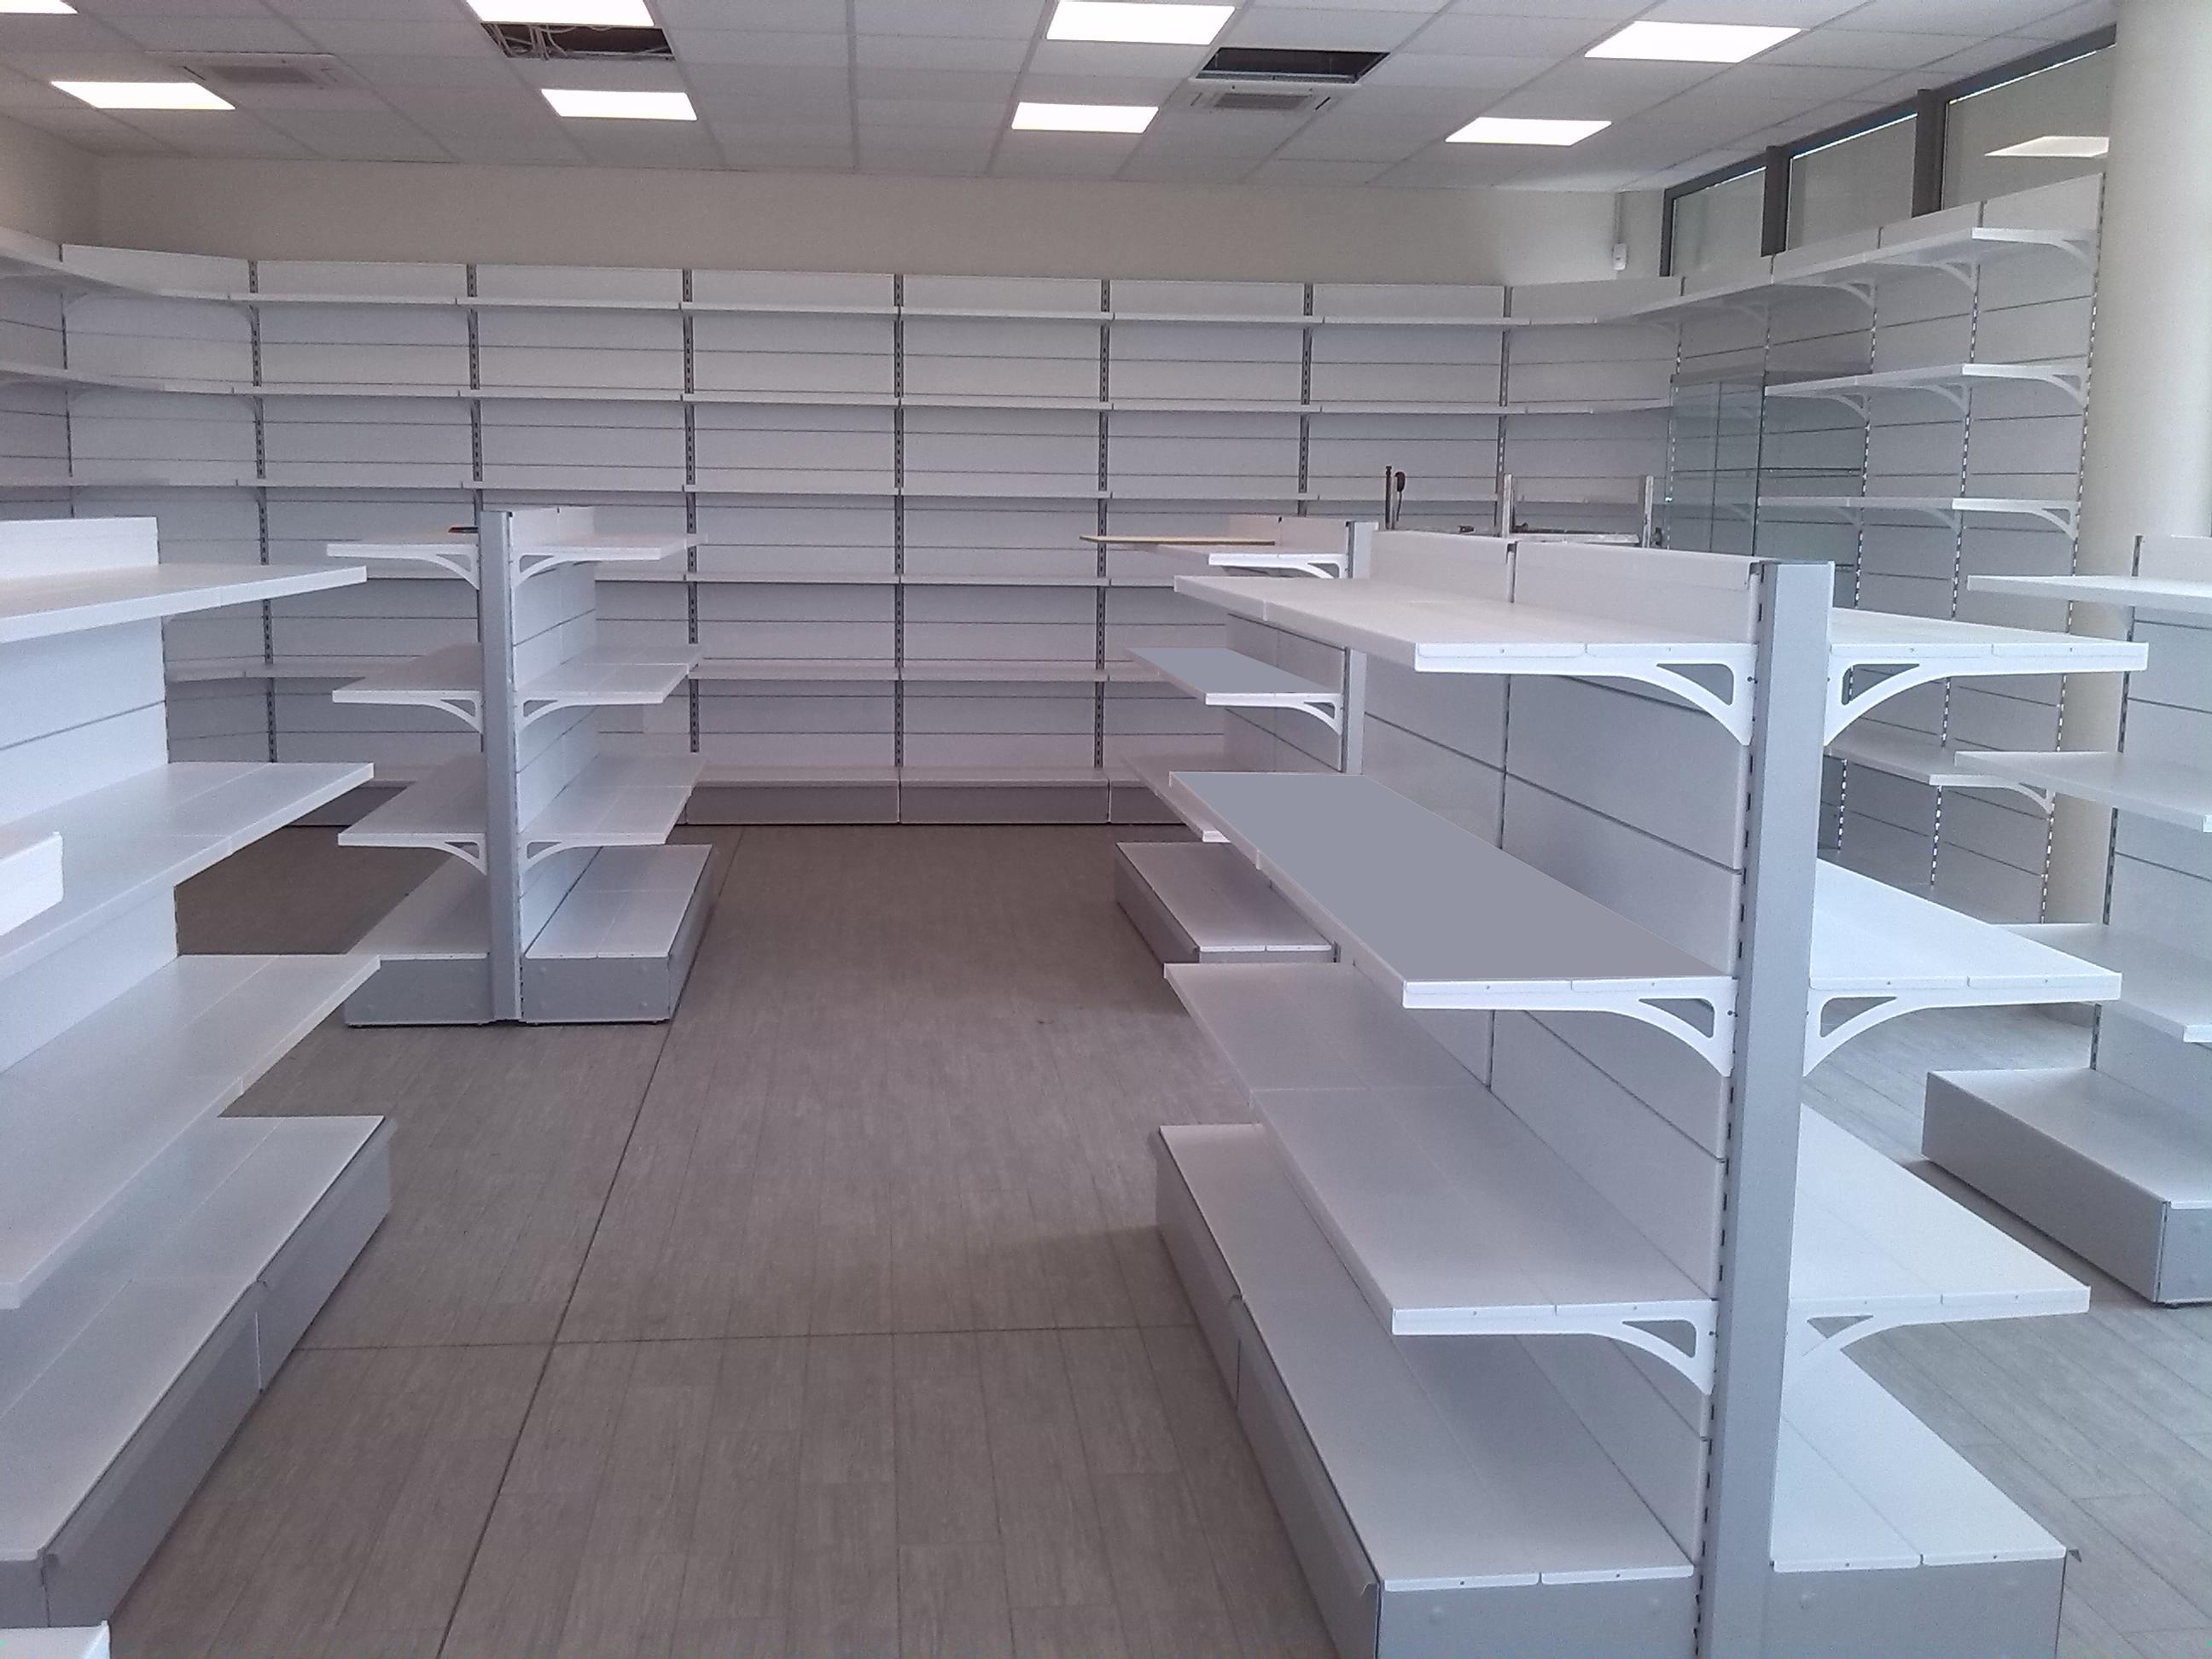 Arredamento negozi castellani shop for Arredamento negozi